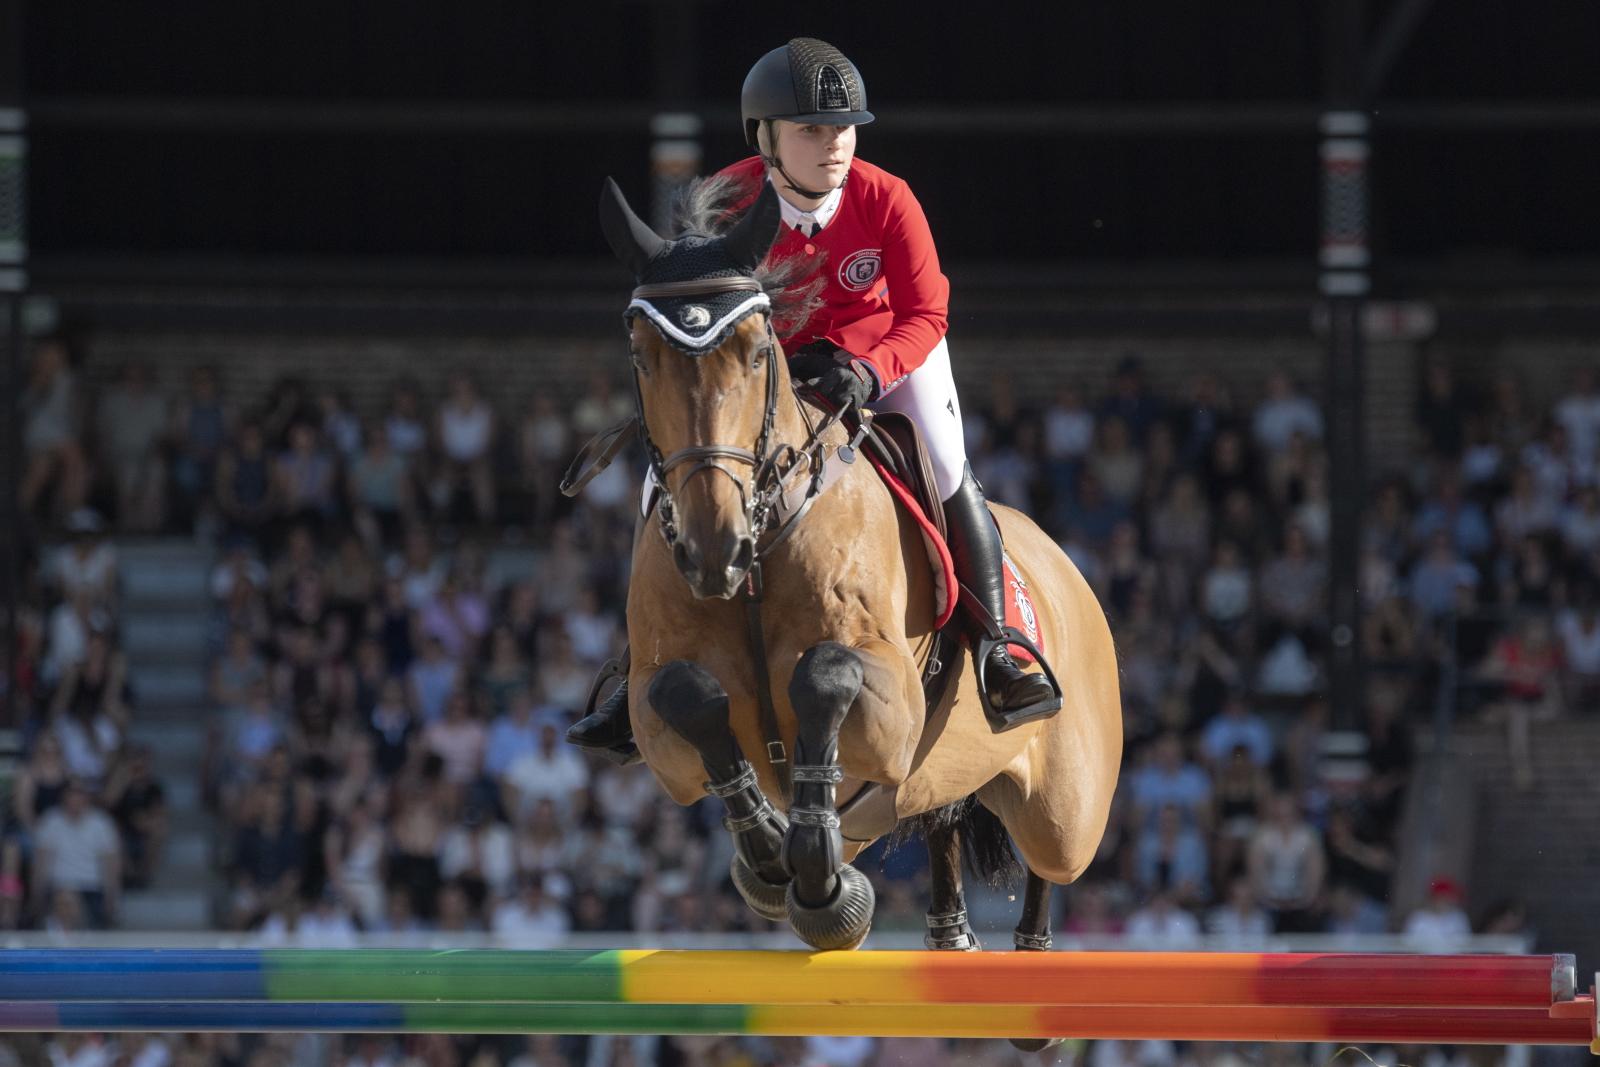 Zawody jeździeckie w Sztokholmie. Fot. PAP/EPA/Jessica Gow